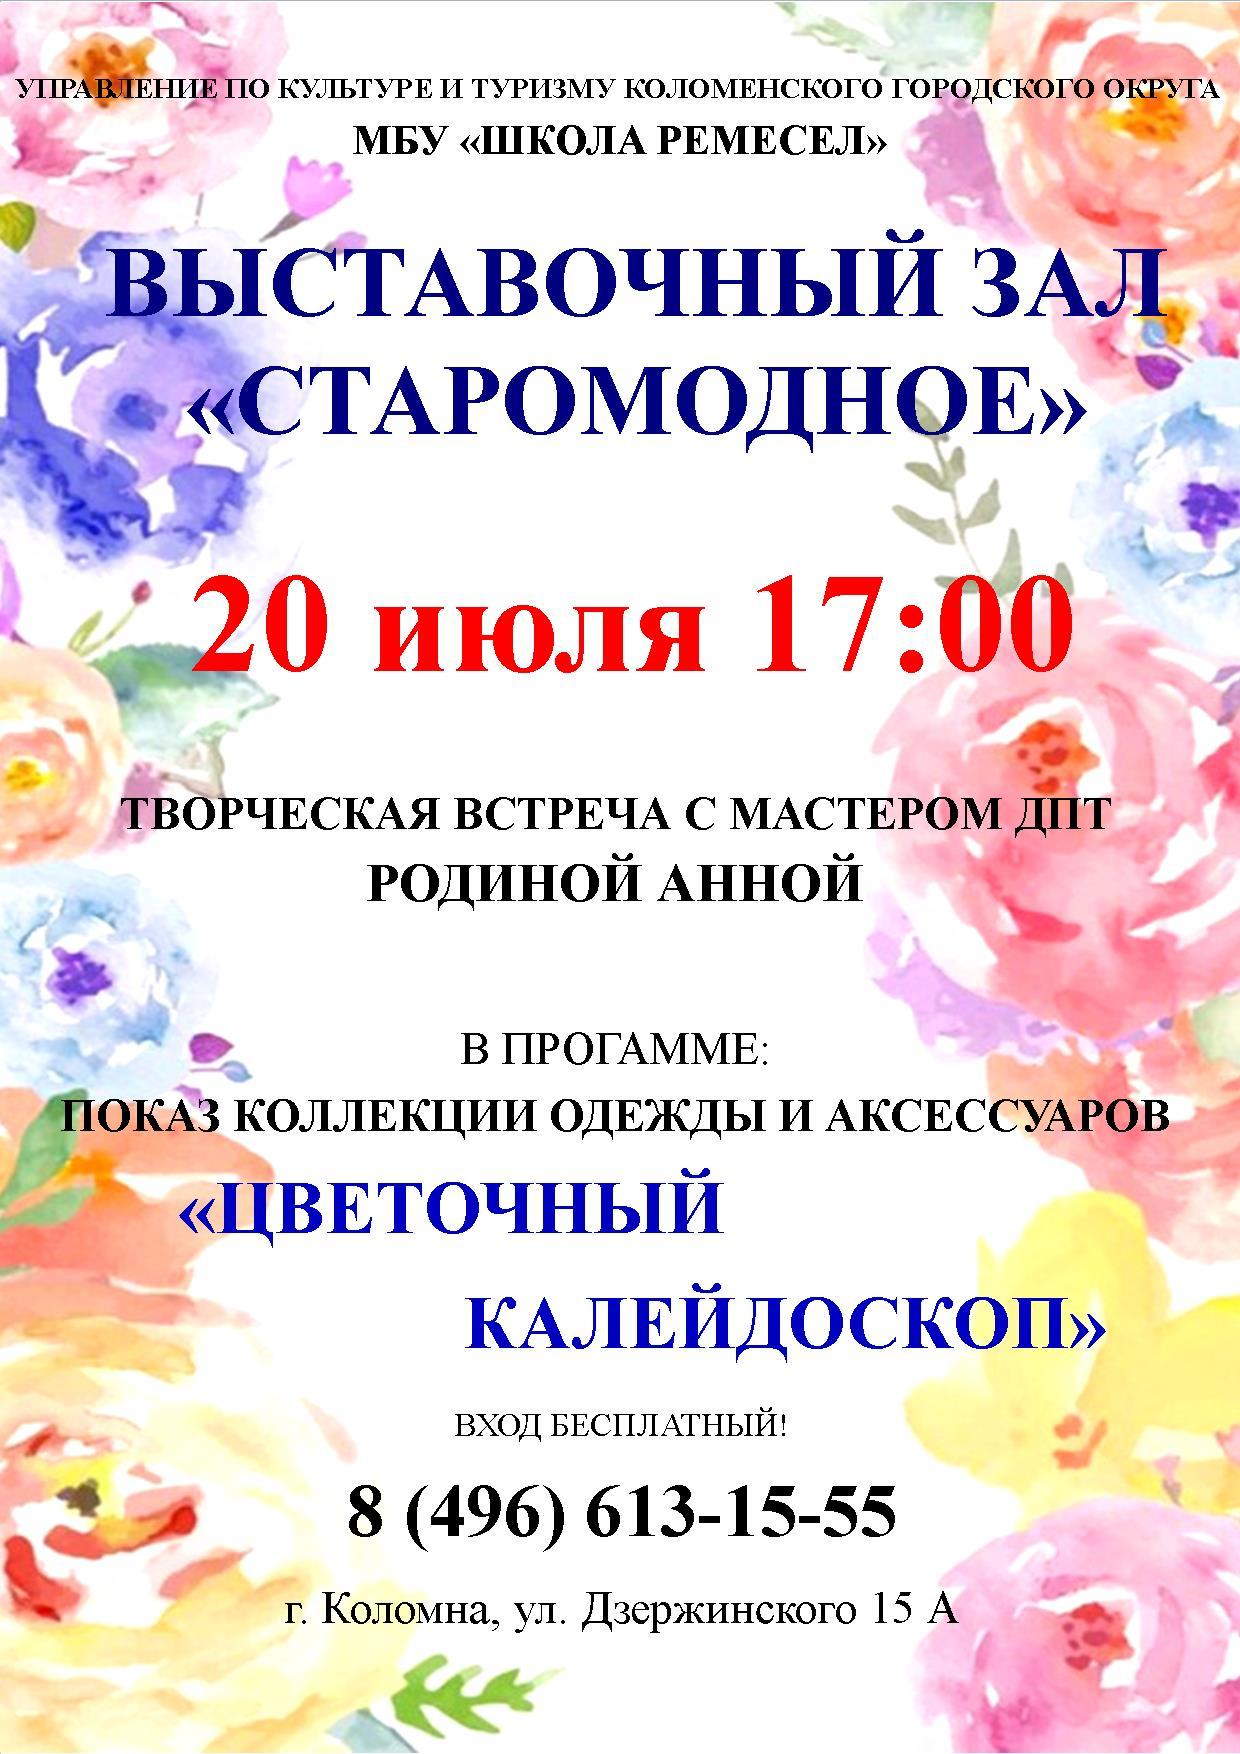 Встреча с членом Союза дизайнеров Москвы Анной Родиной